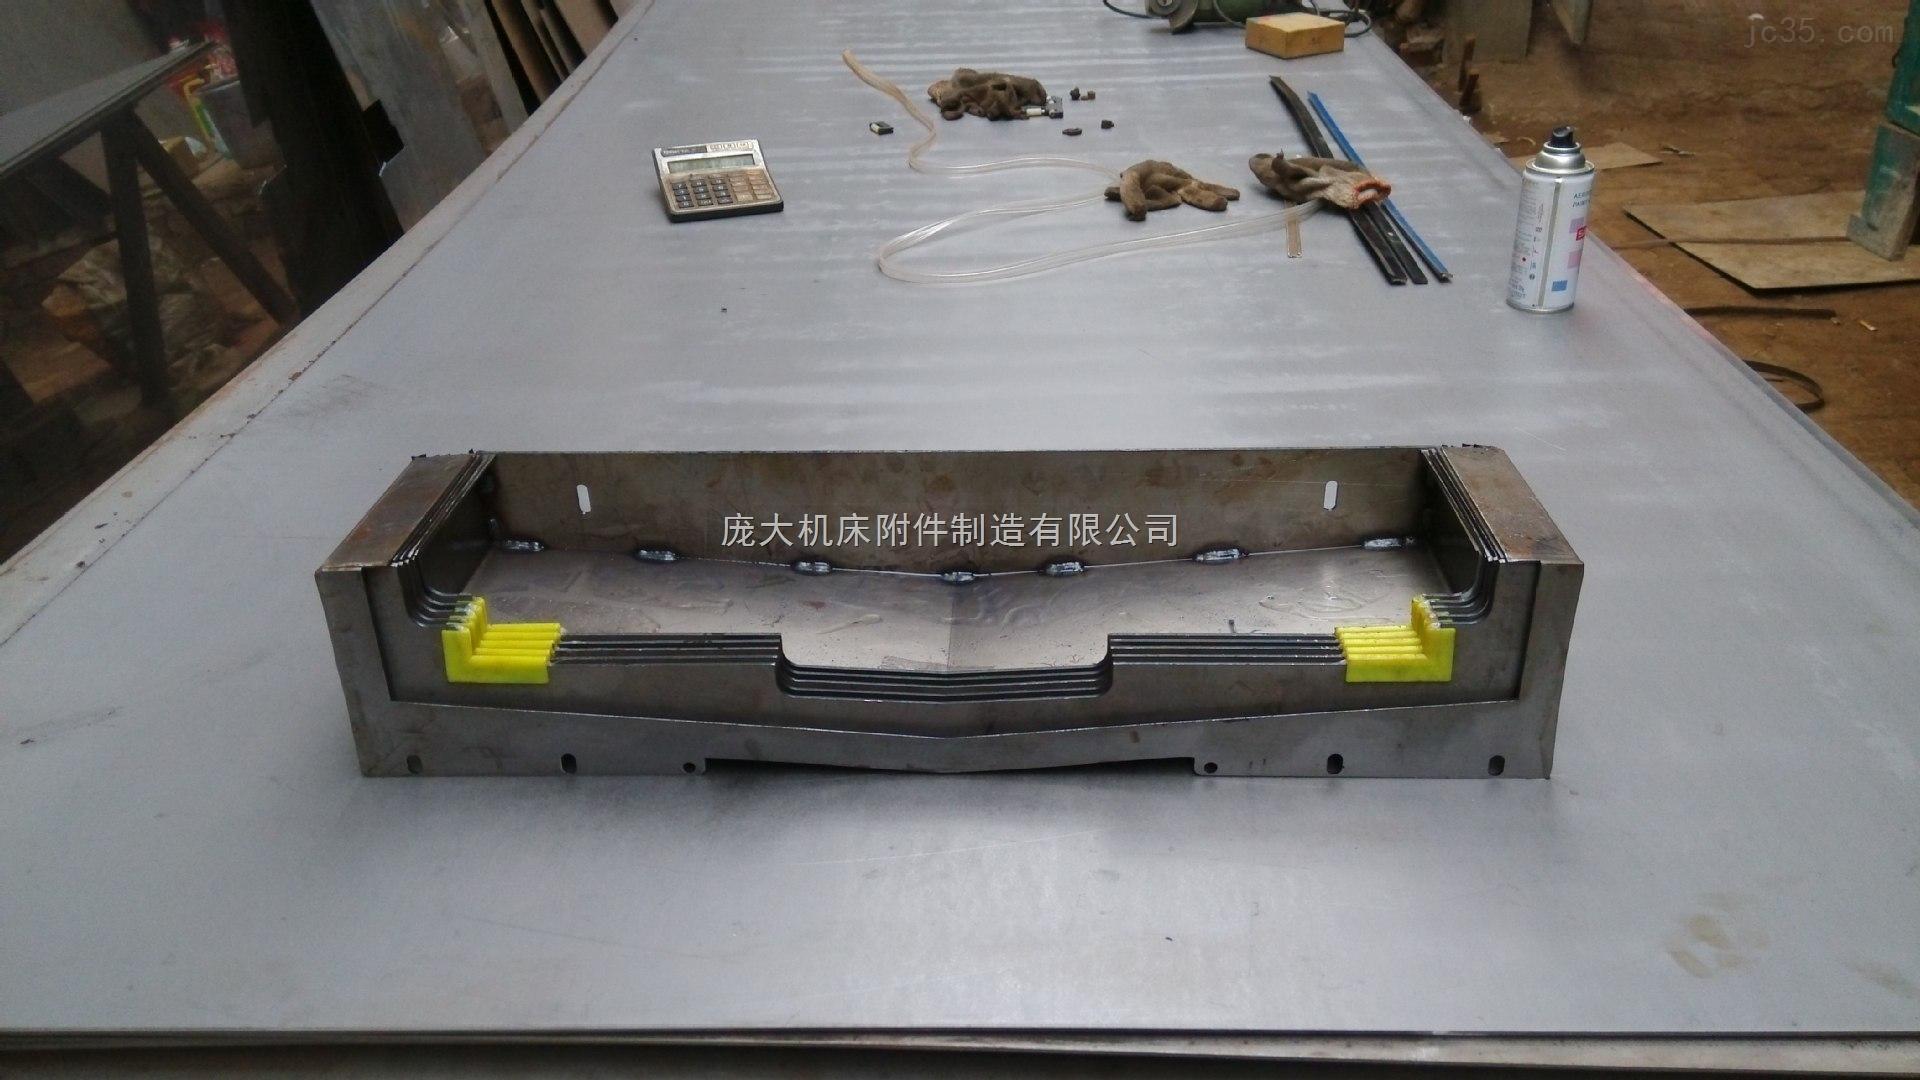 北一大隈机床导轨防护罩定做台湾协鸿机床导轨防护罩定做安装